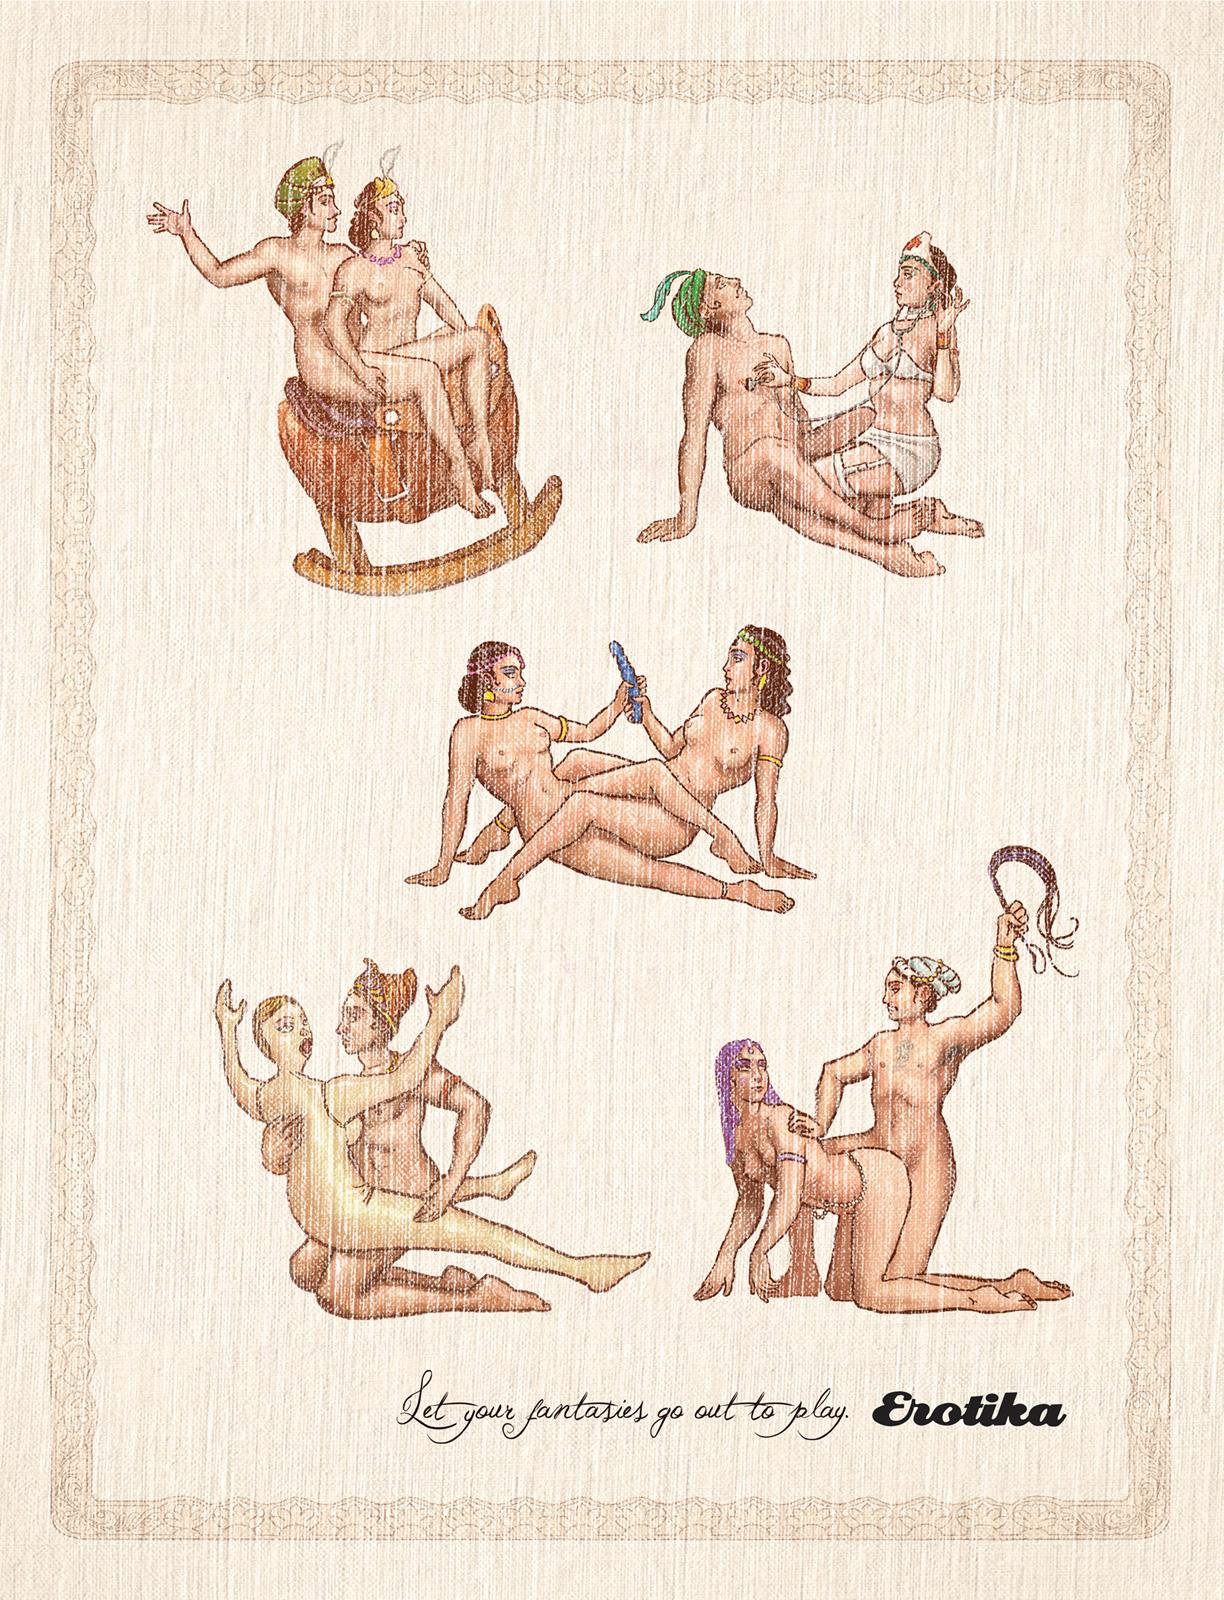 Секс-шоп. Категории бизнеса. Архив рекламы.